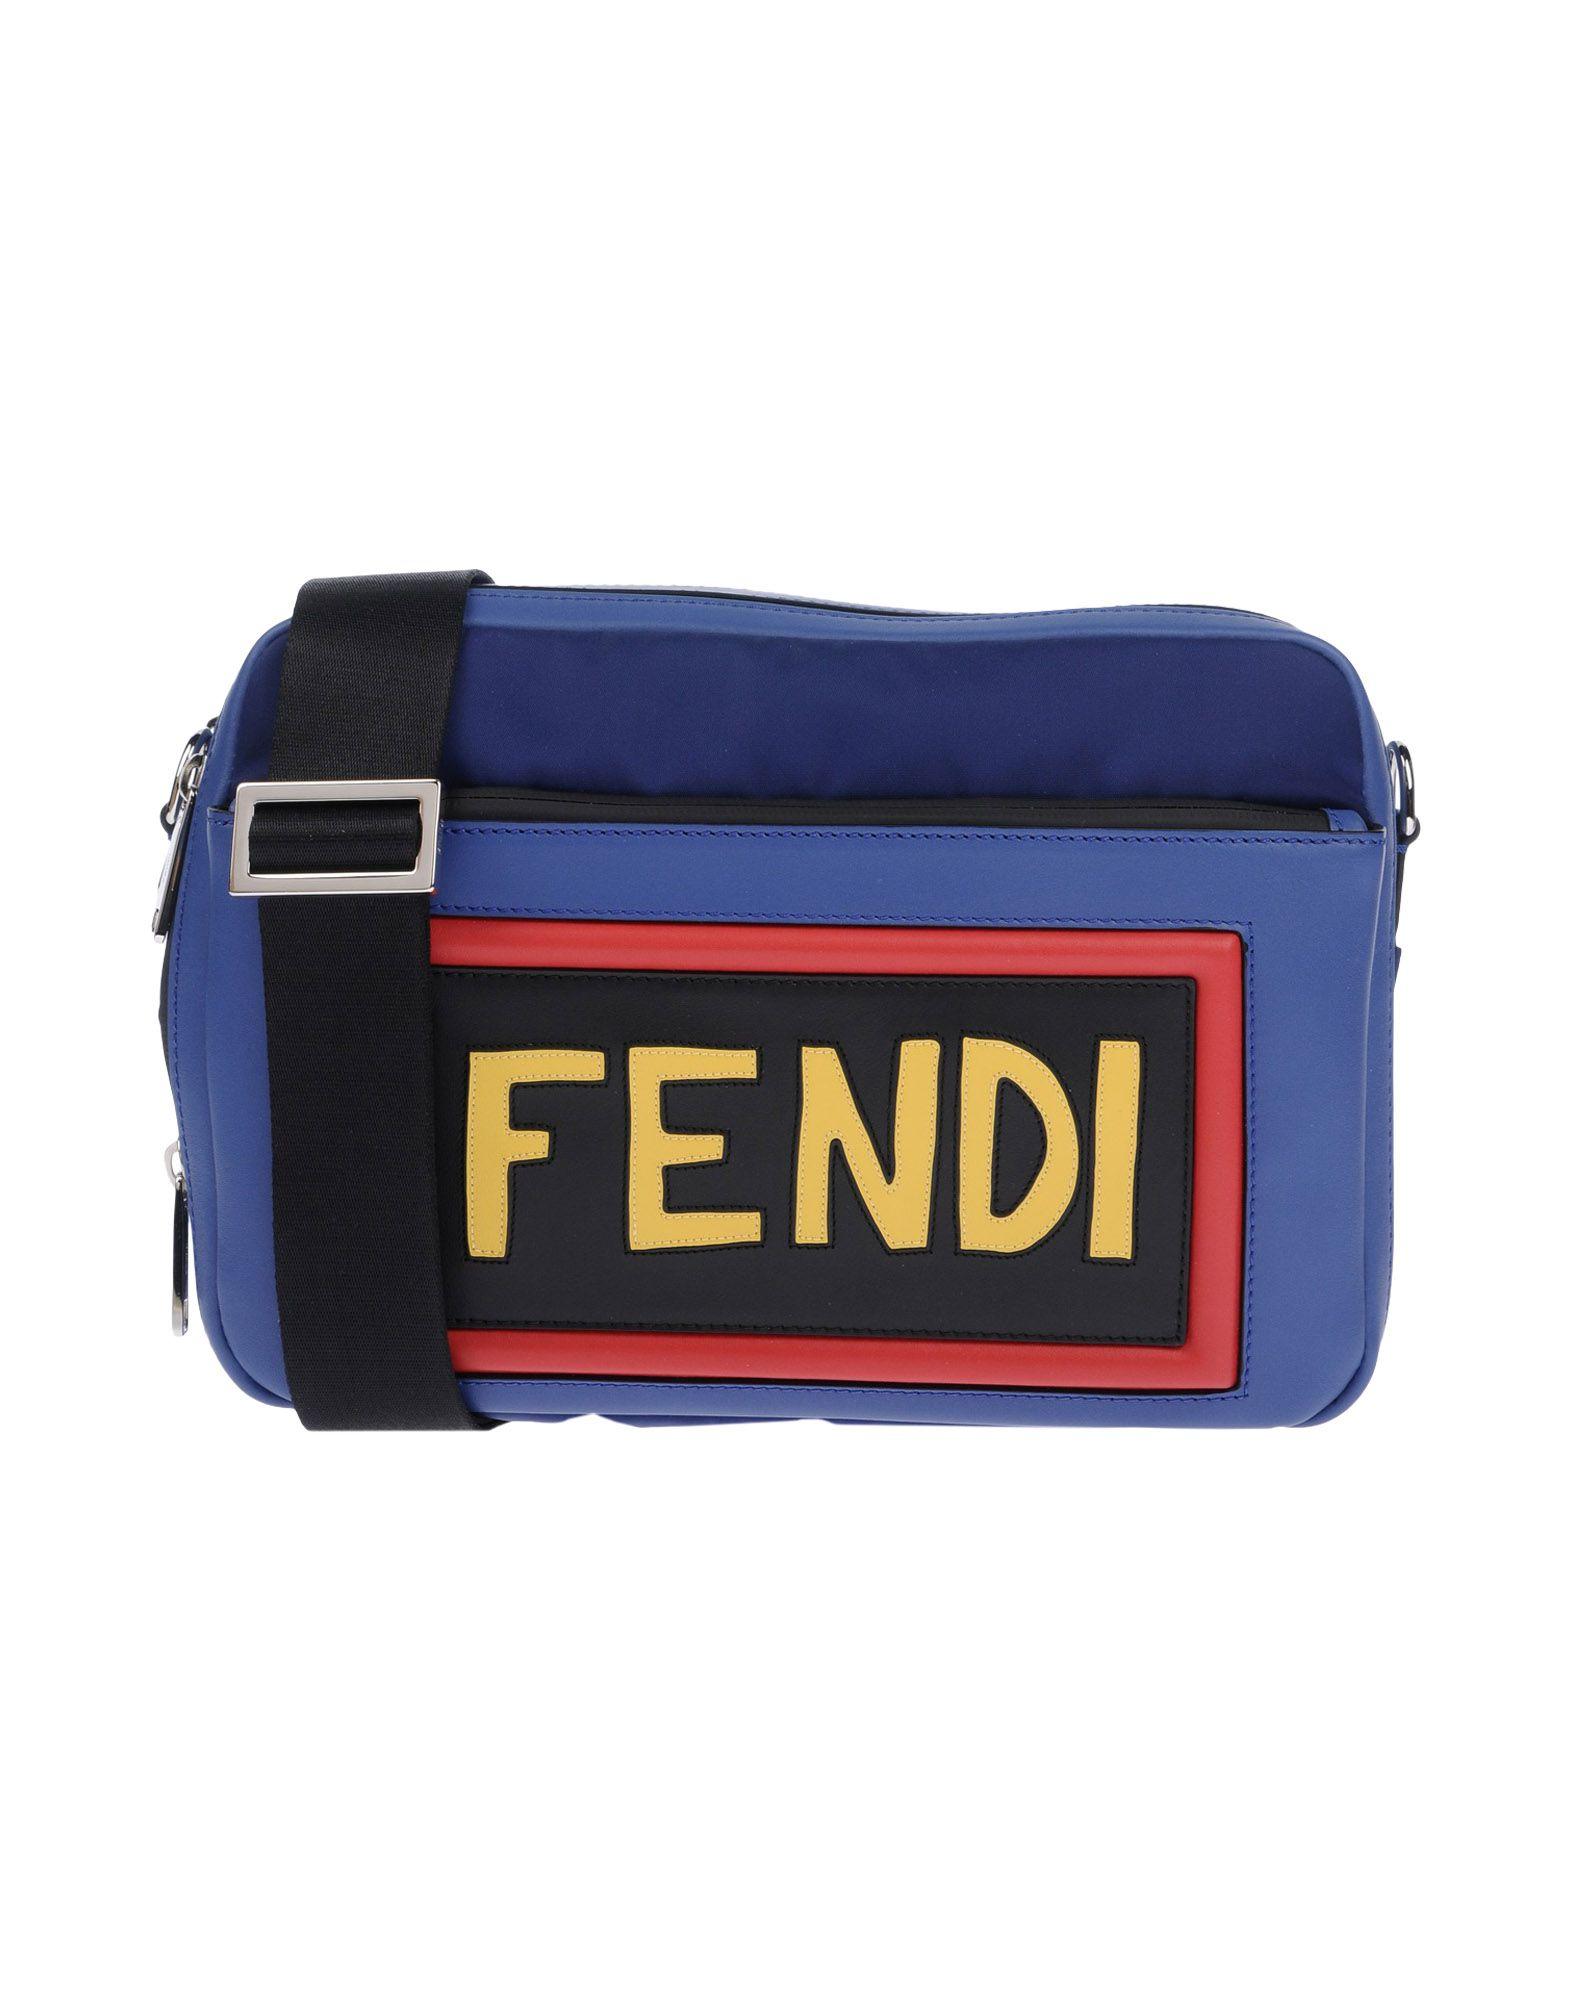 FENDI Сумка через плечо сумка fendi demi jours